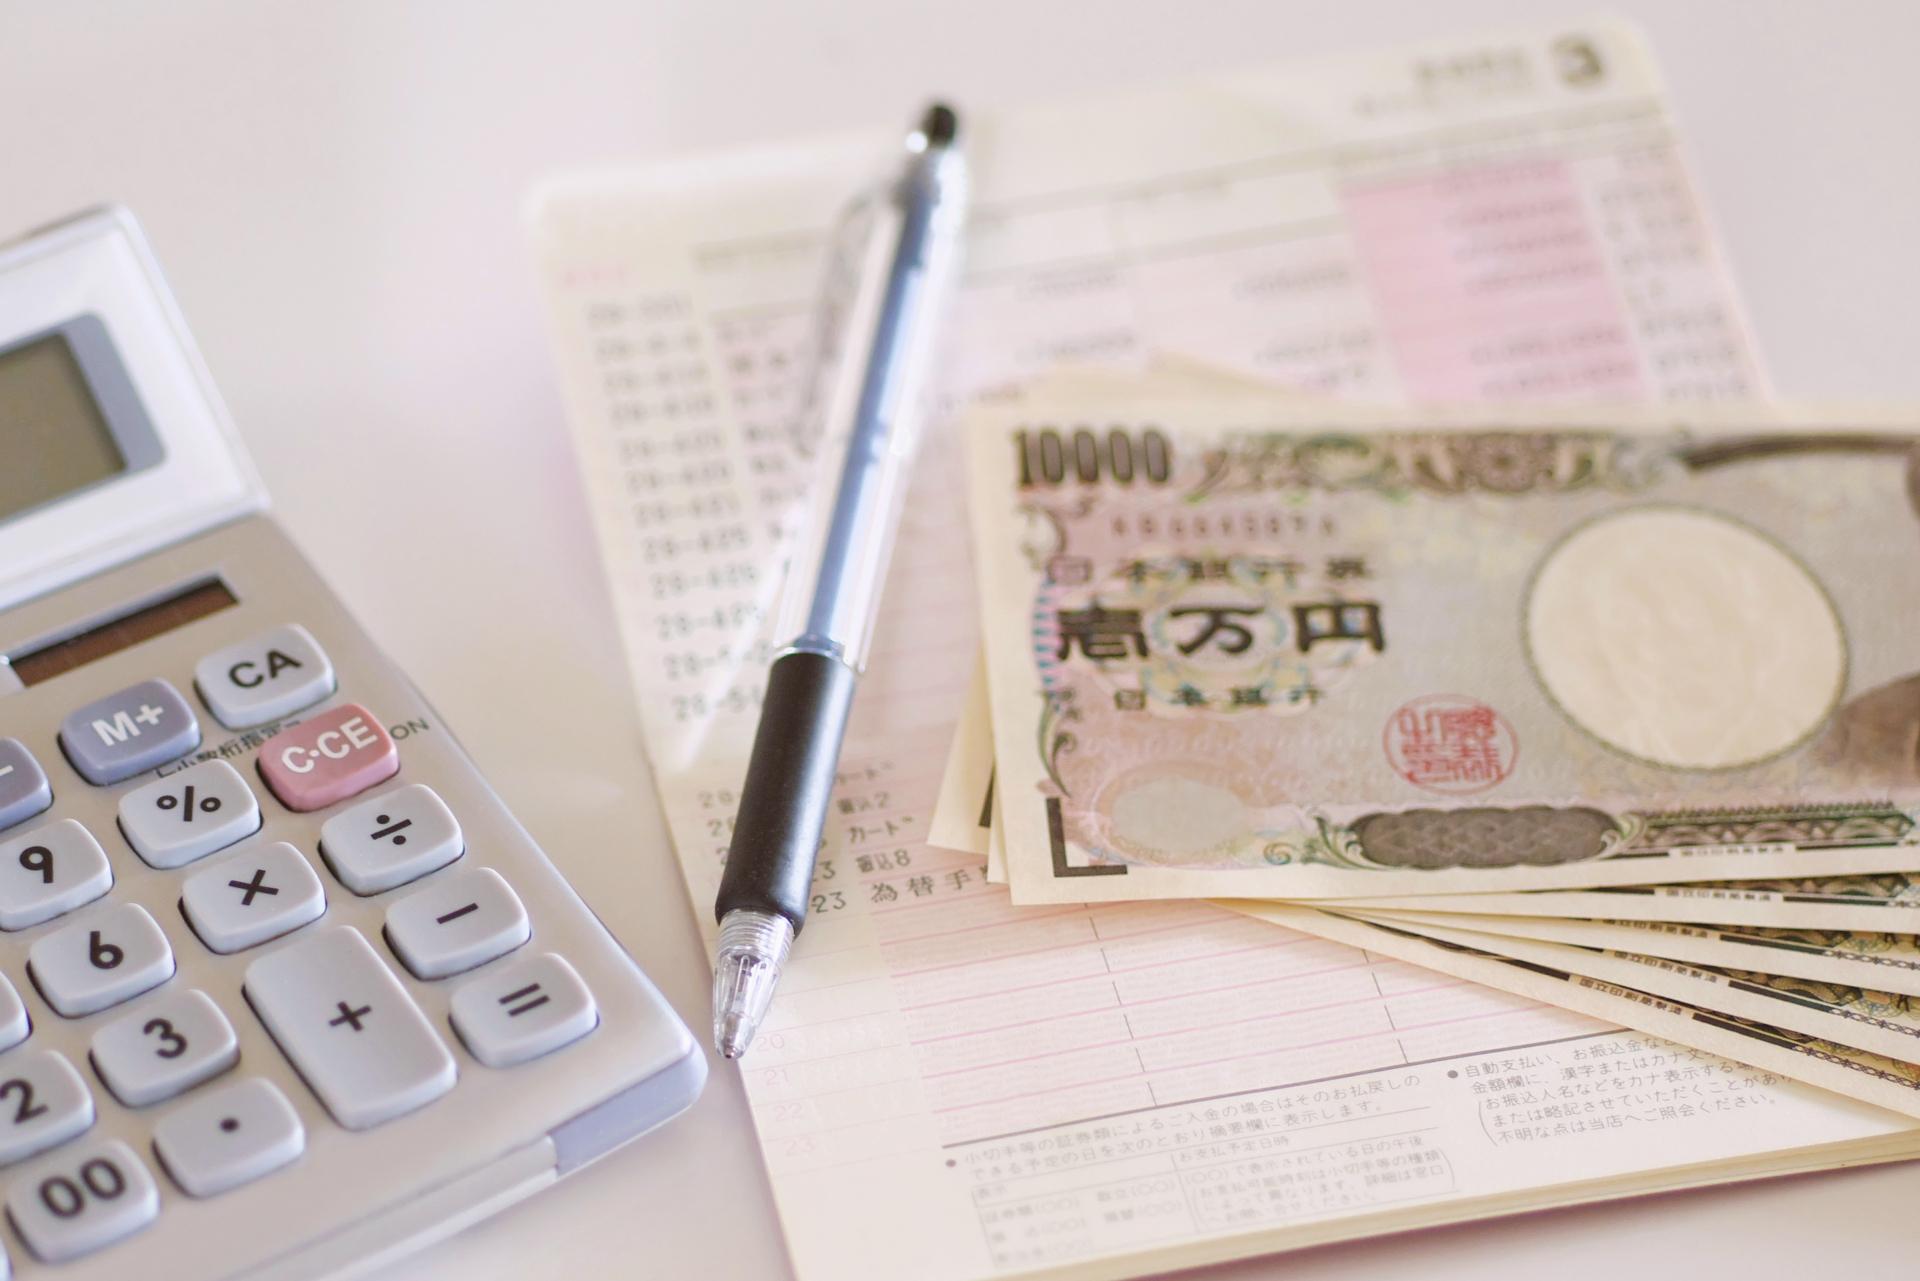 昇給の平均額はどれくらい?大手と中小企業の違いや交渉術などもチェック!